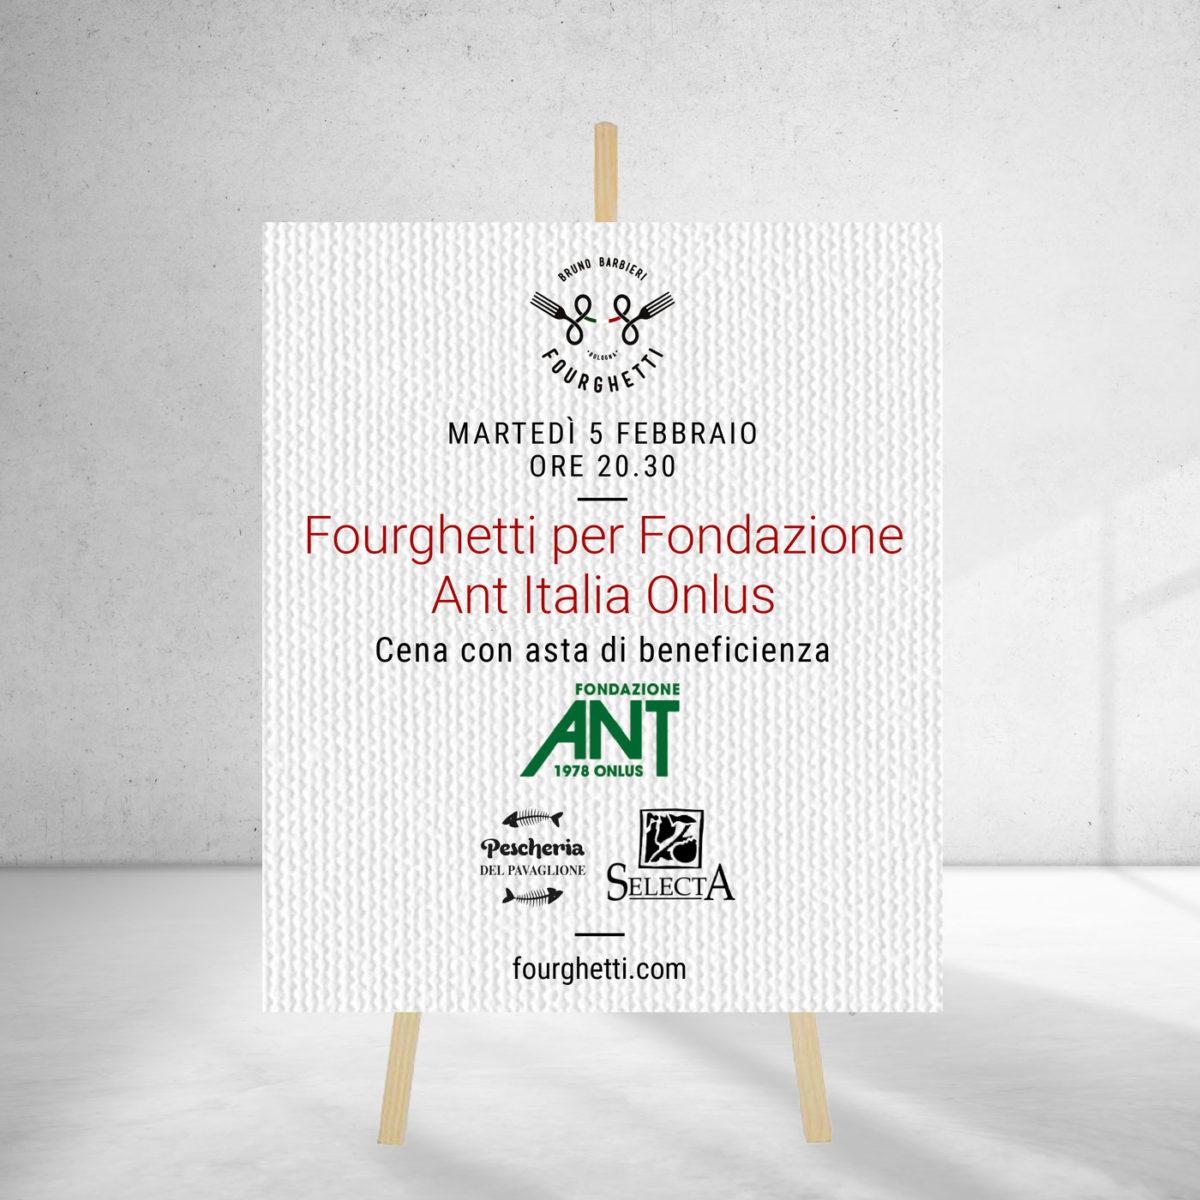 Fourghetti per Fondazione Ant: una cena con asta di beneficenza